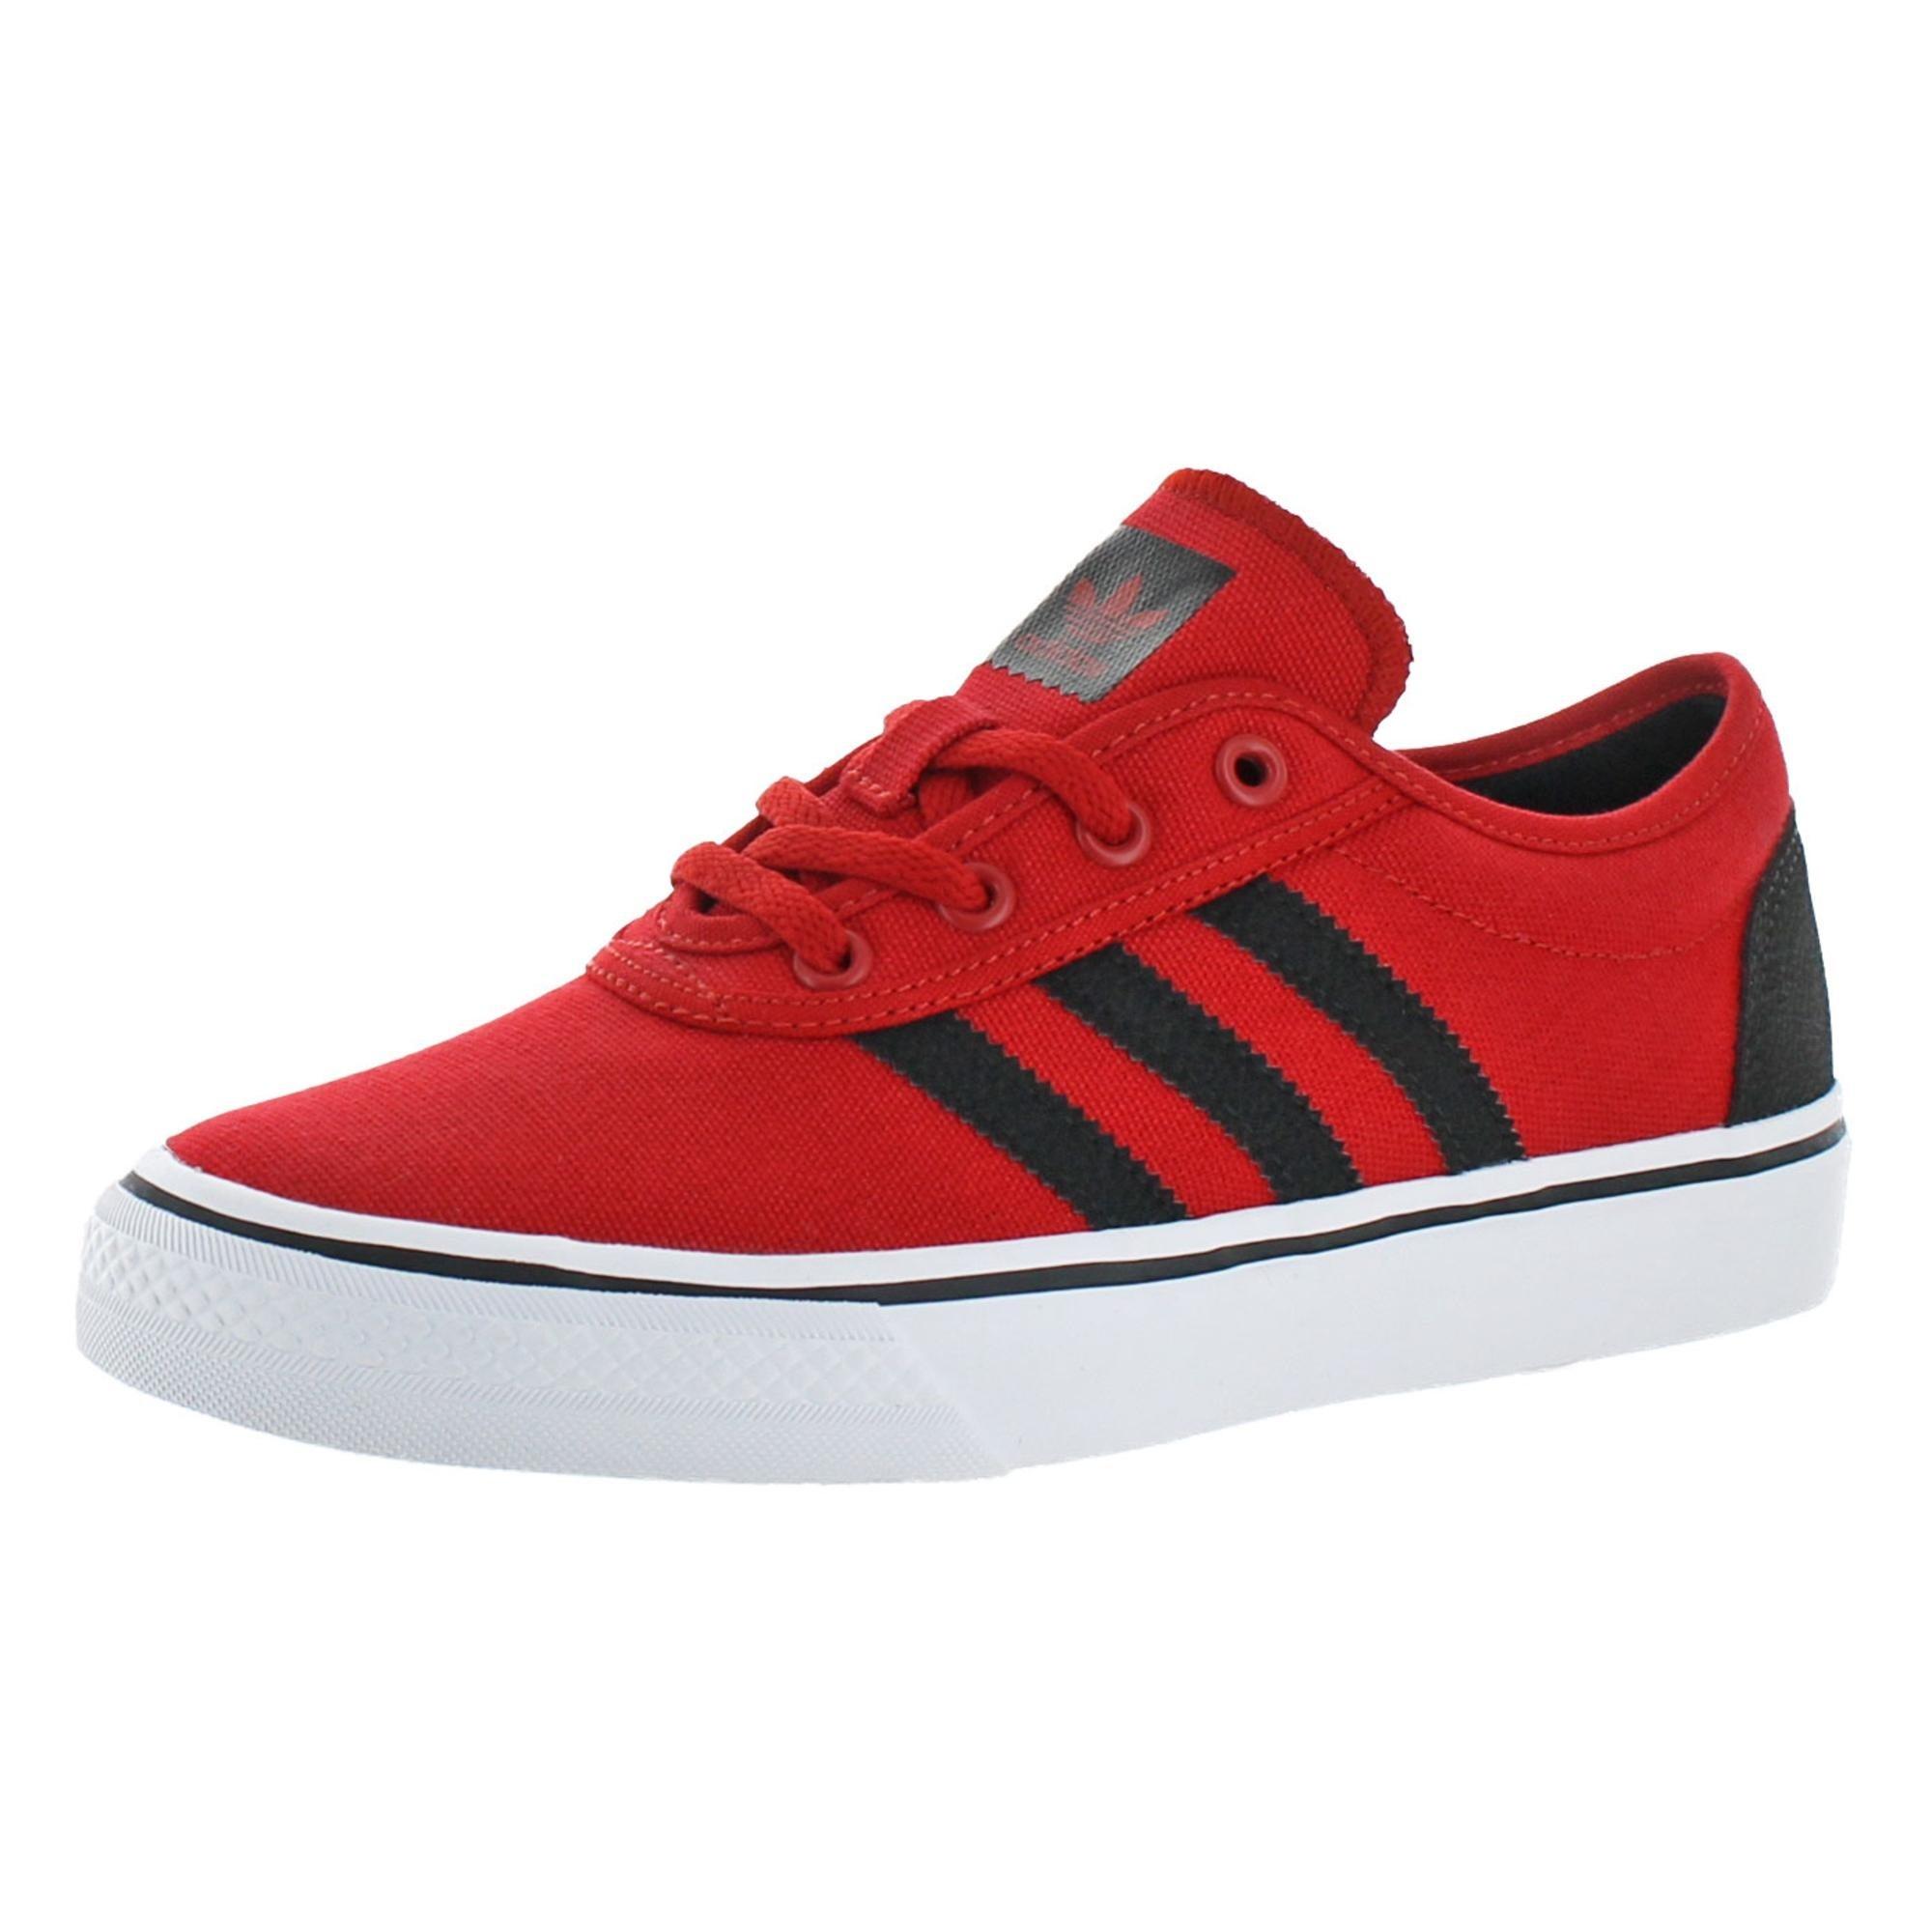 Shop Black Friday Deals on Adidas Boys